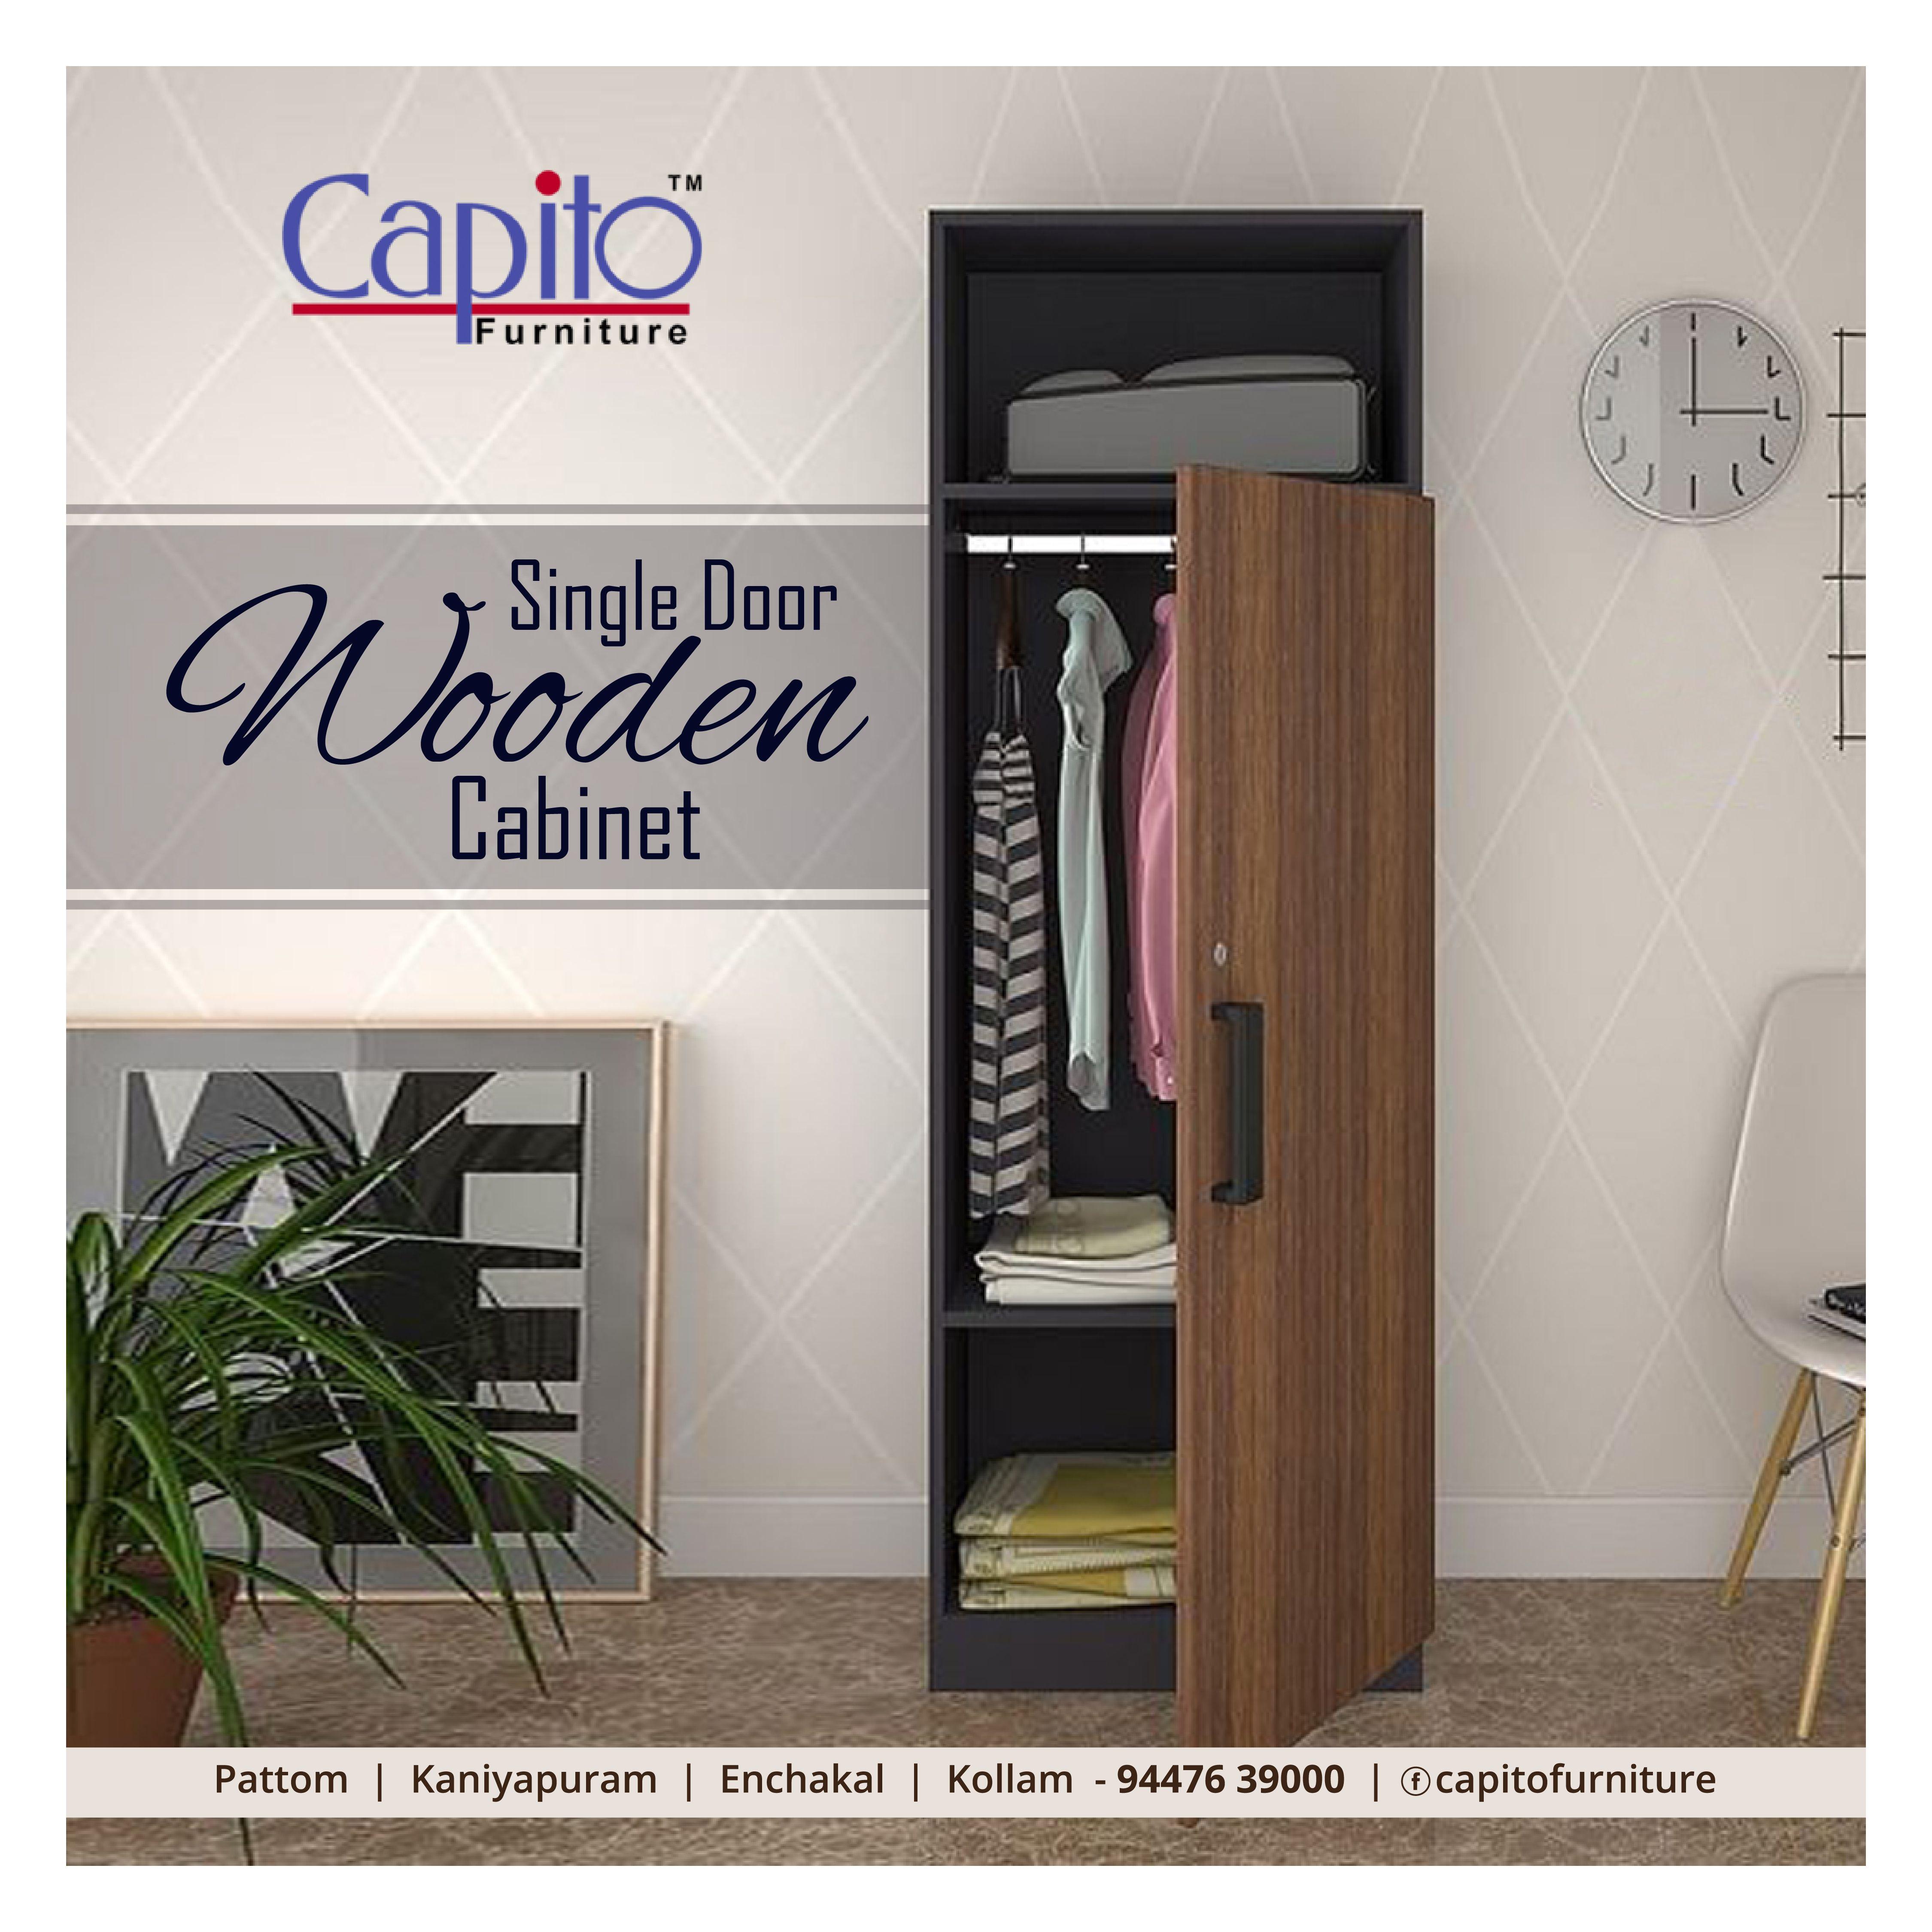 Single Door Wooden Cabinets In 2020 Single Doors Wooden Cabinets Furniture Shop